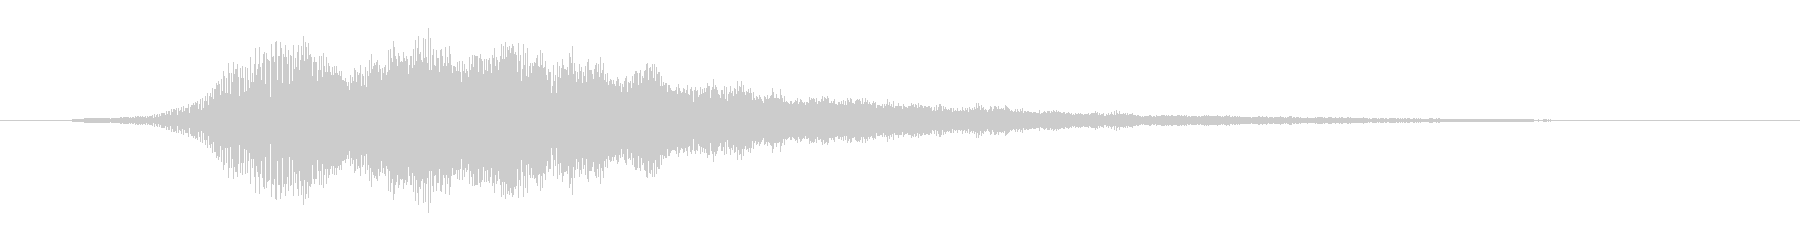 フォンファンファ(不思議、ファンタジー)の未再生の波形